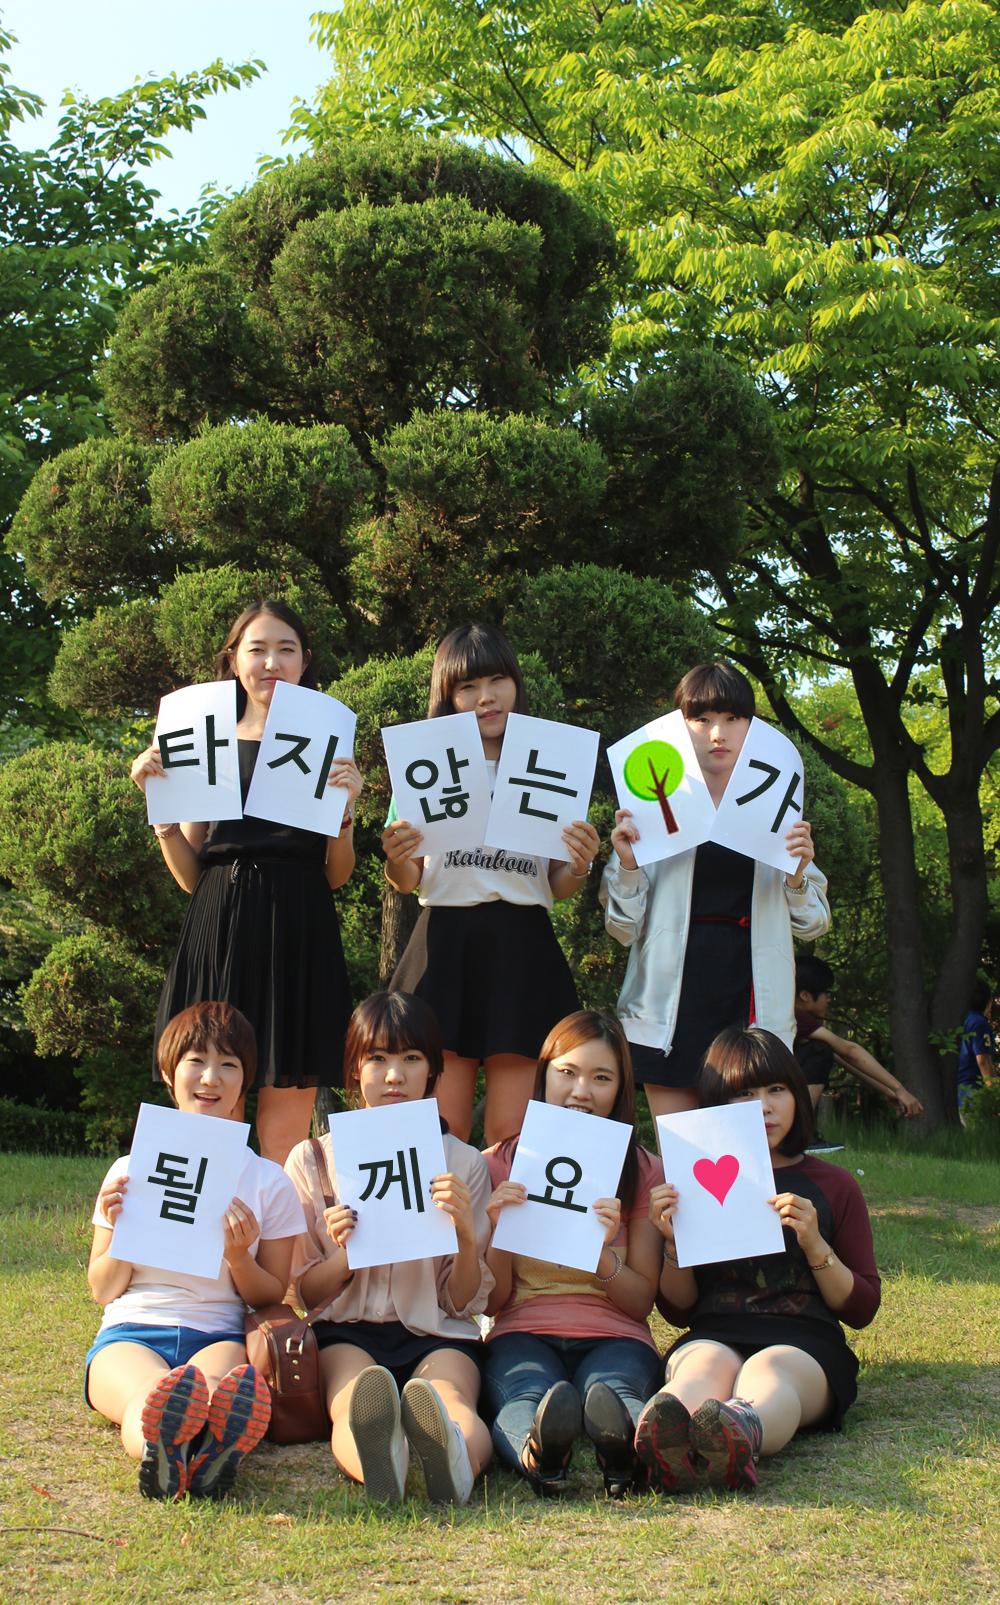 2012 간호대학 캠퍼스 사진공모전 - 3위